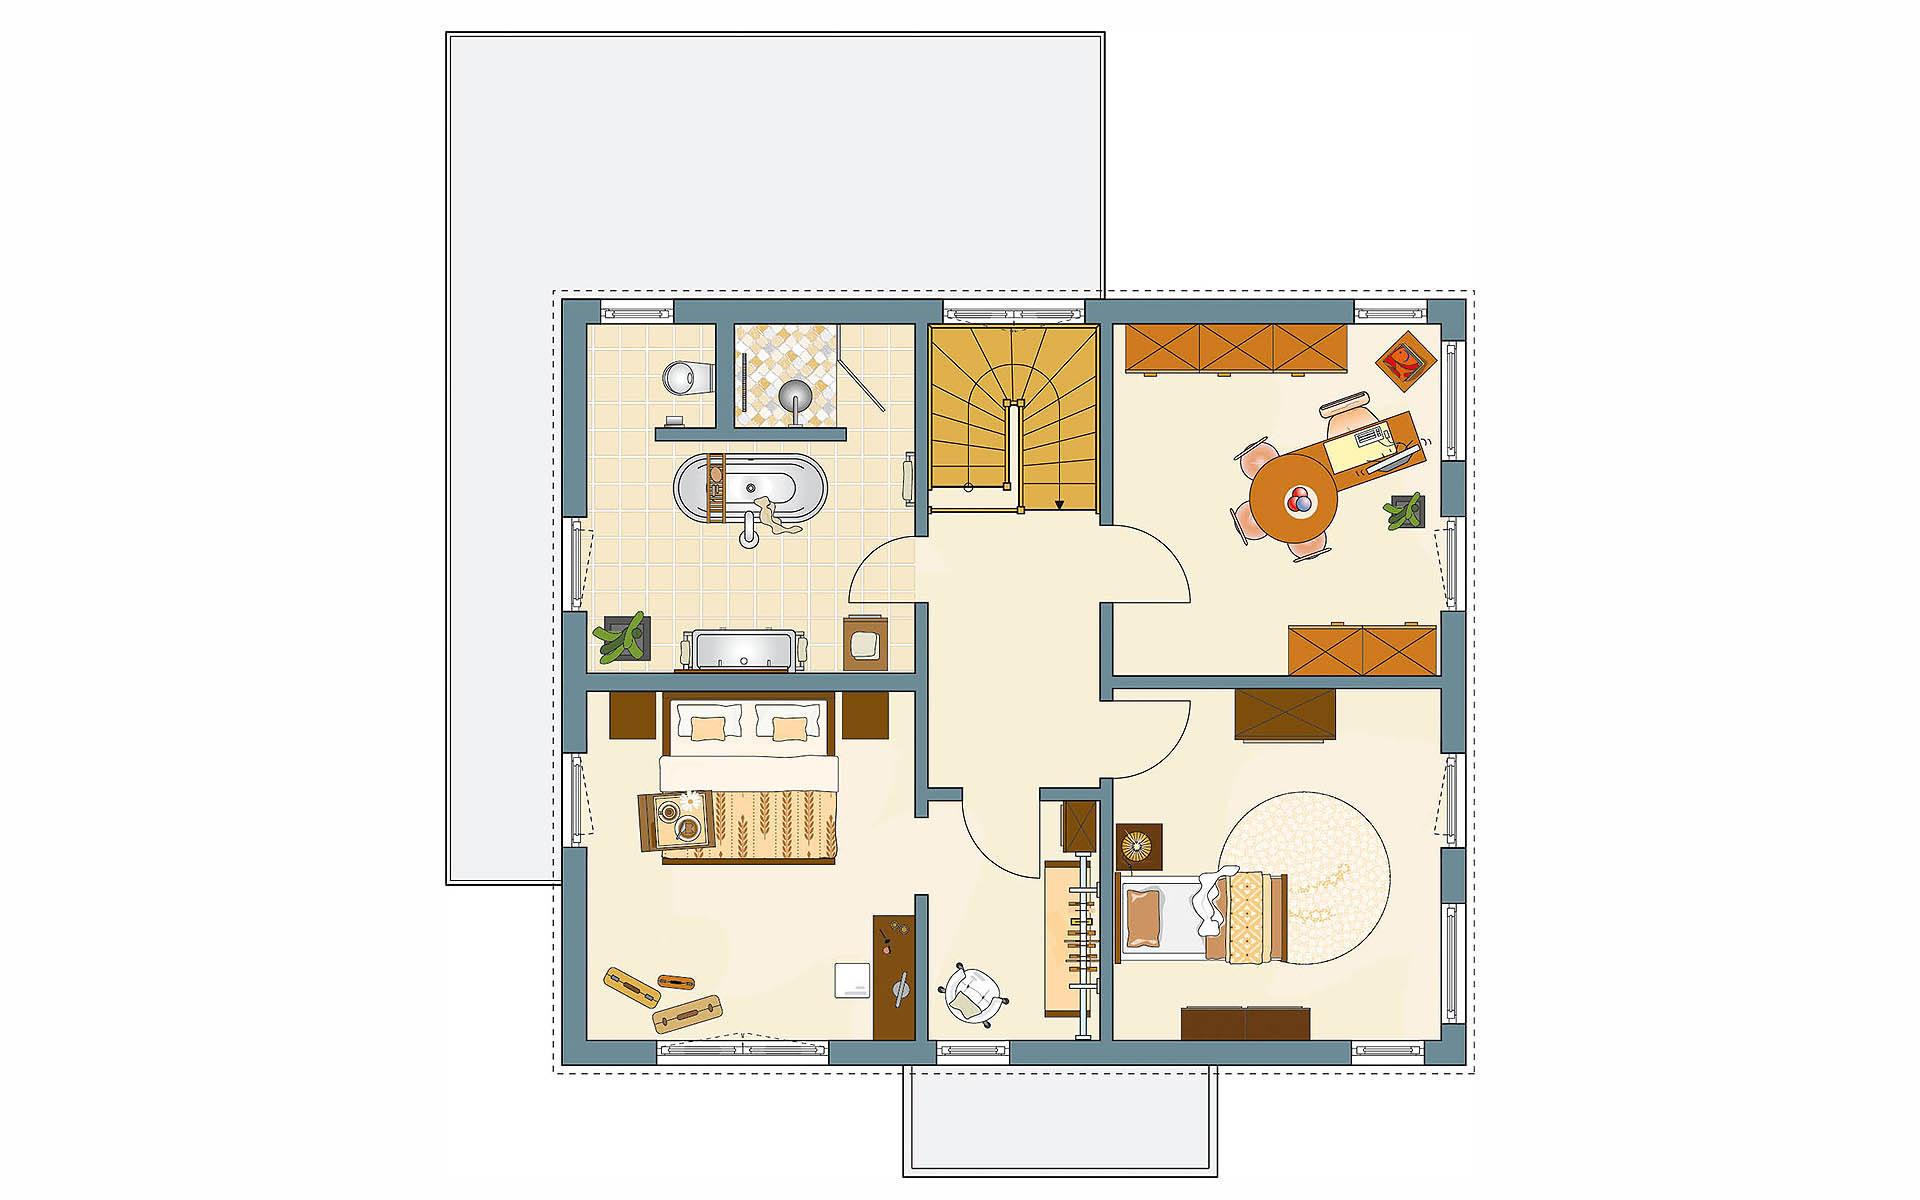 Dachgeschoss MEDLEY 3.0 - MH Berlin-Werder von FingerHaus GmbH